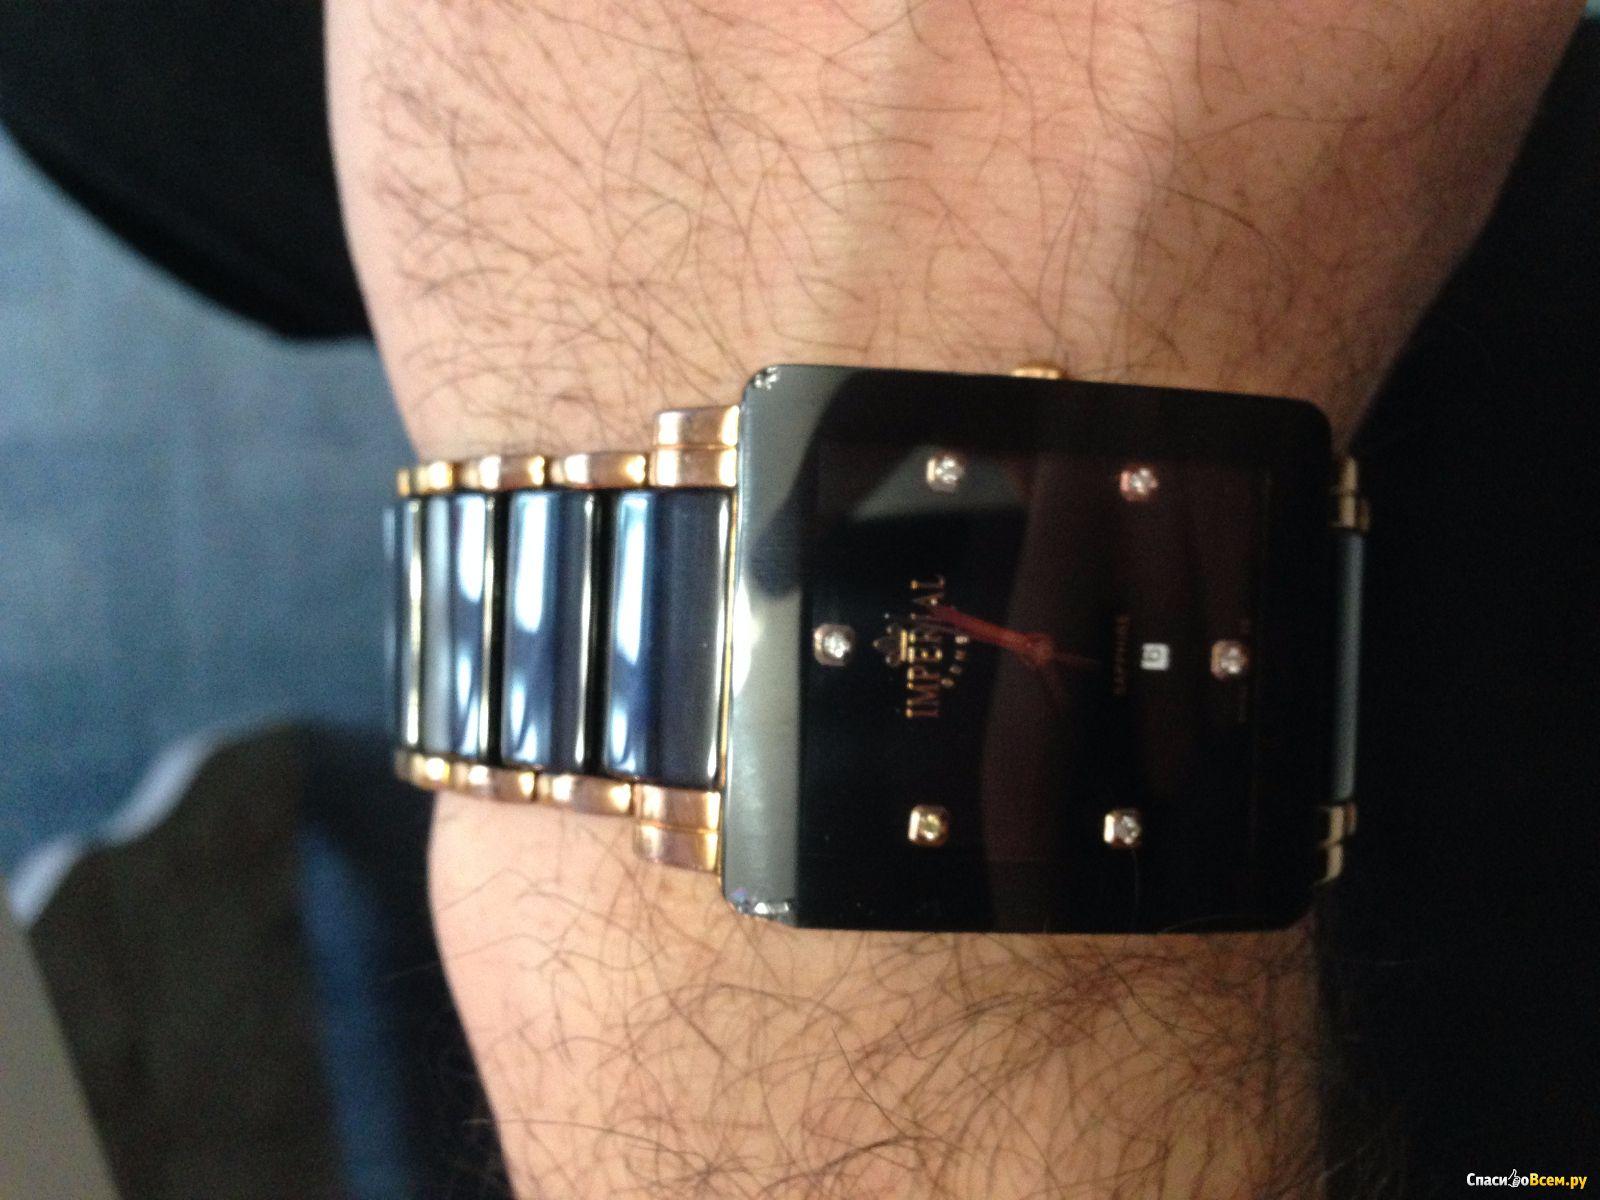 Часы Rado купить по низким ценам копии бренда интернет